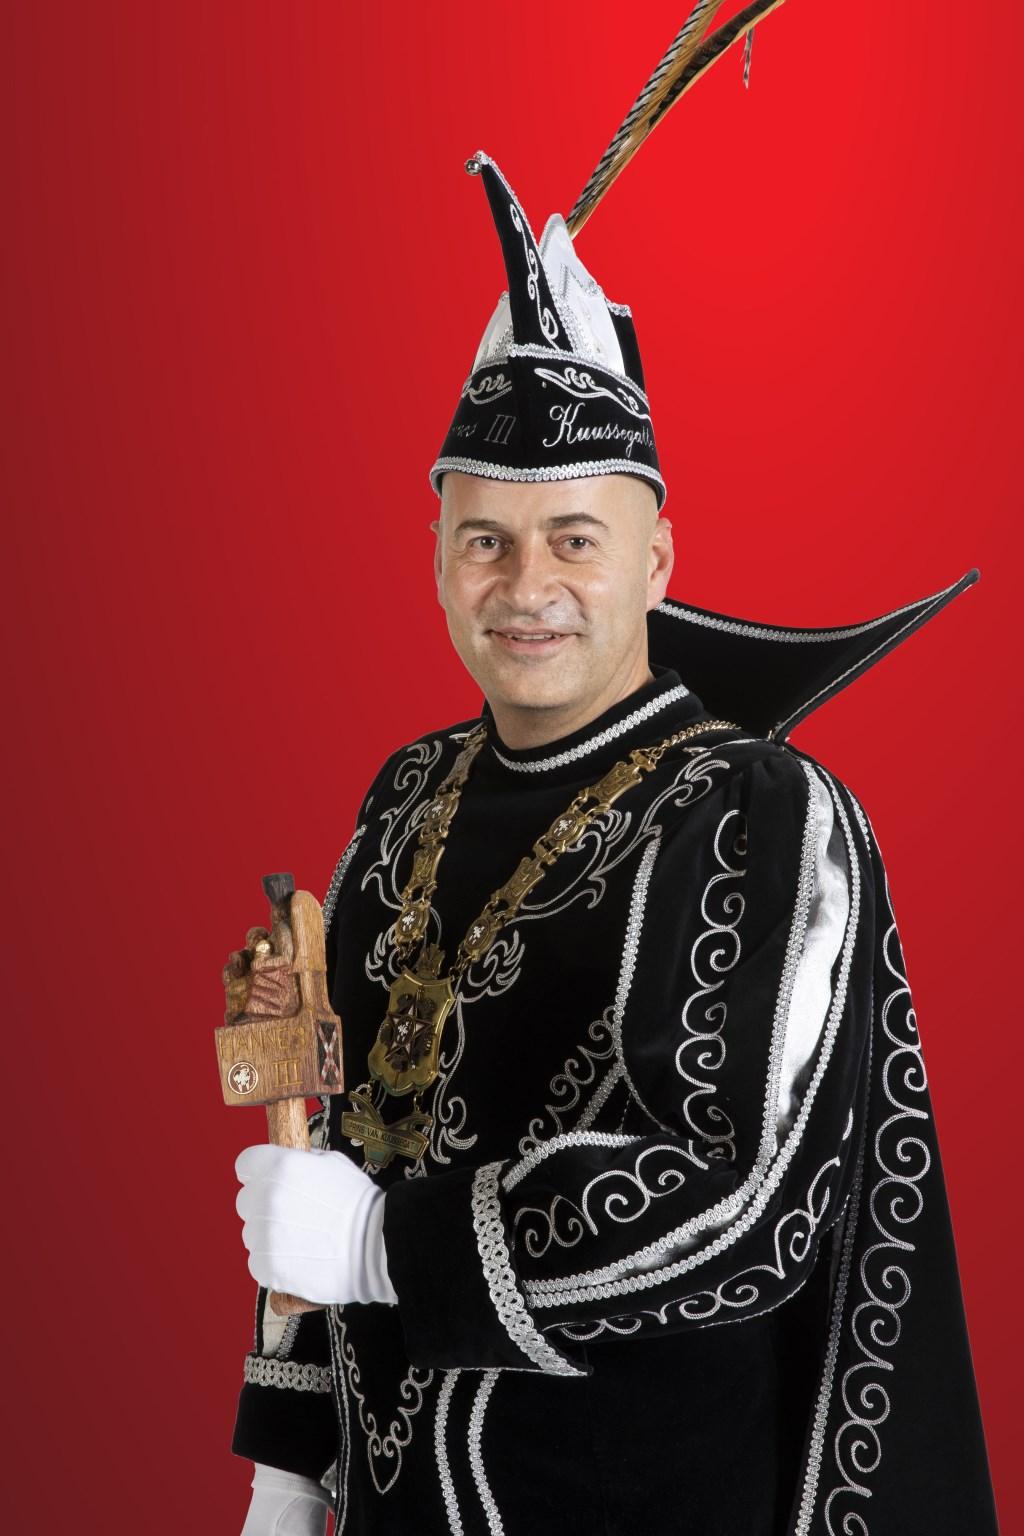 'Ik kan niet wachten met alles wat ik ga meemaken als Prins van Kuussegat'  © Kliknieuws Veghel